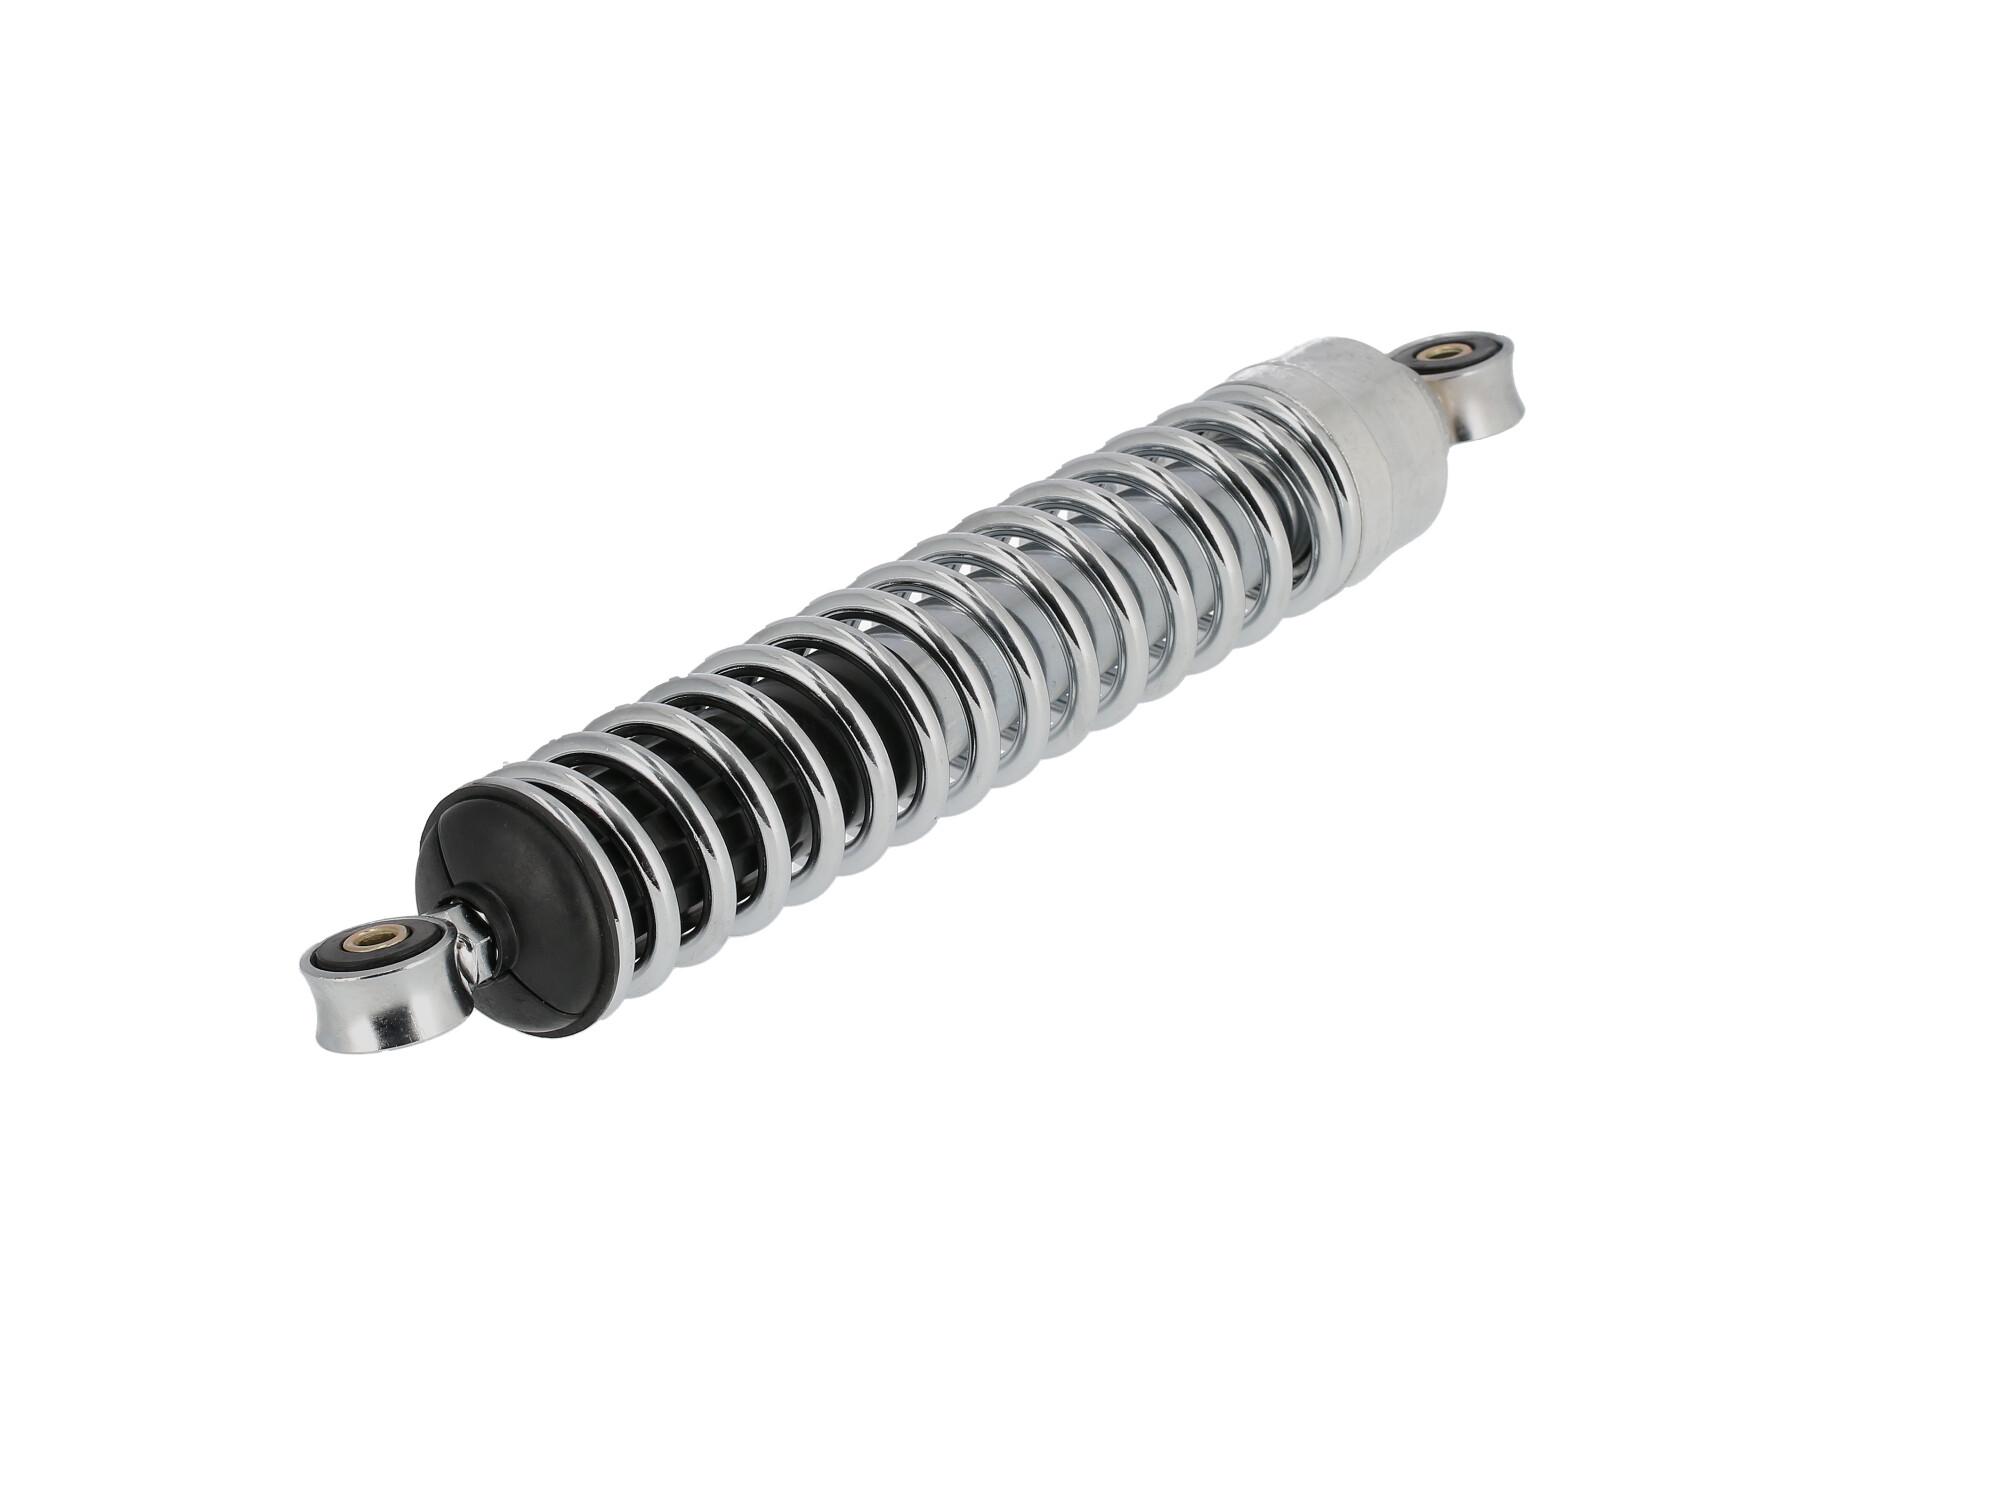 Set: Federbeine 360mm, Chromfeder, verstellbar - für Simson S50, S51, S70, S53, S83 Enduro, Art.-Nr.: 10016755 - 360° Bild